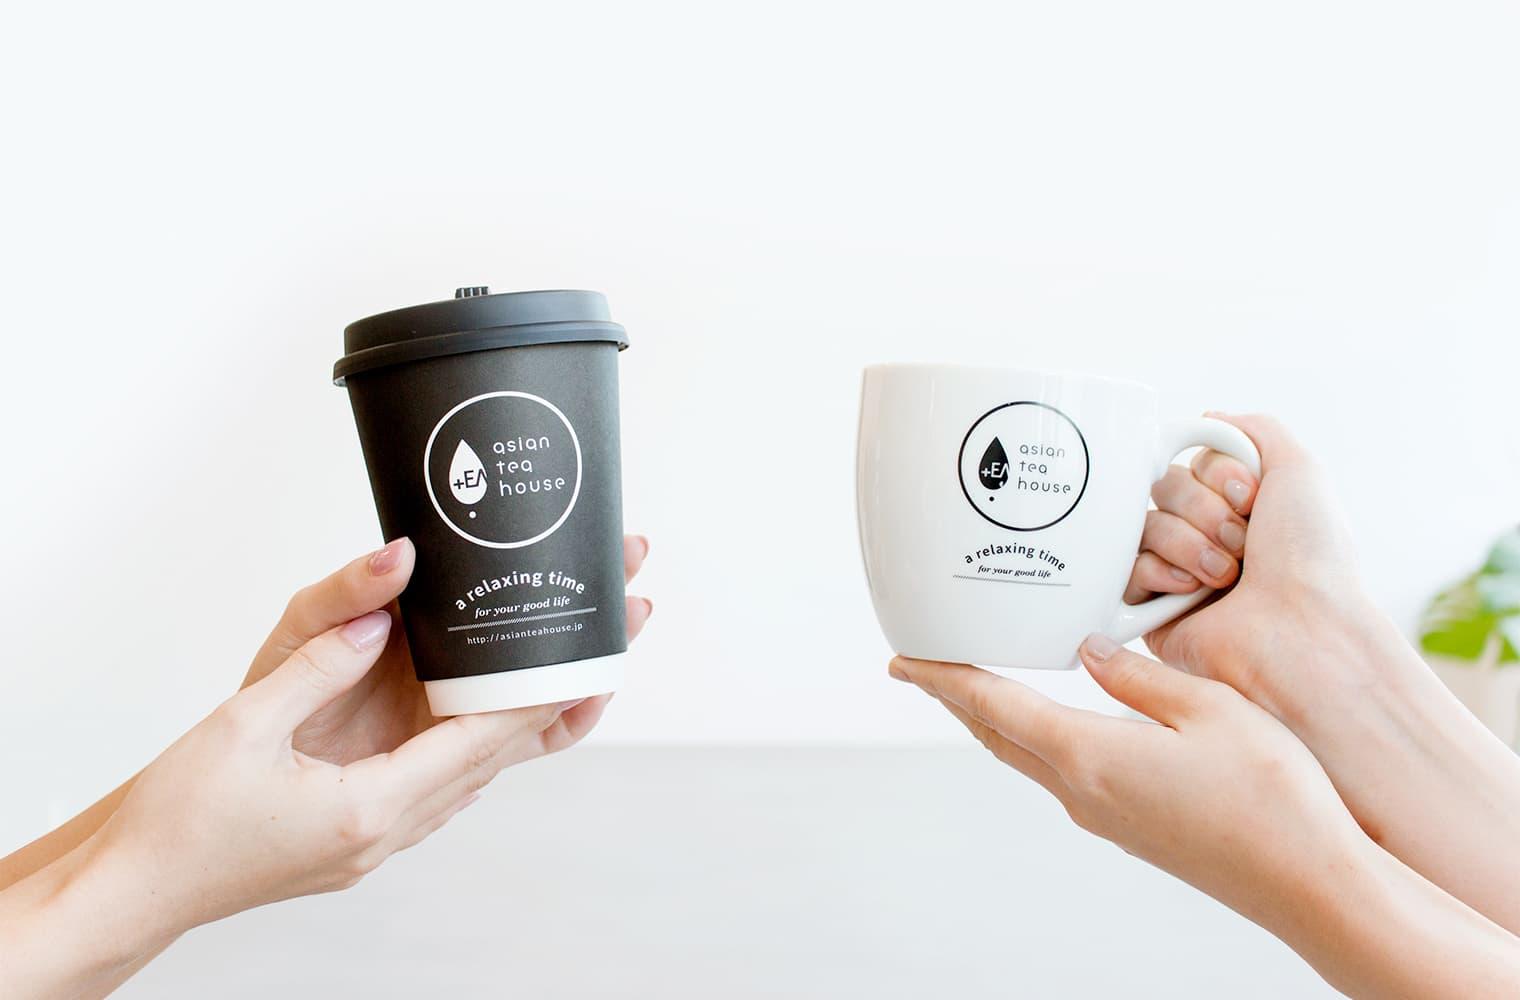 1 1 - ตัวอย่างป้ายเมนูเครื่องดื่มกาแฟ เมนูอาหารดีไซน์สไตล์ญี่ปุ่น